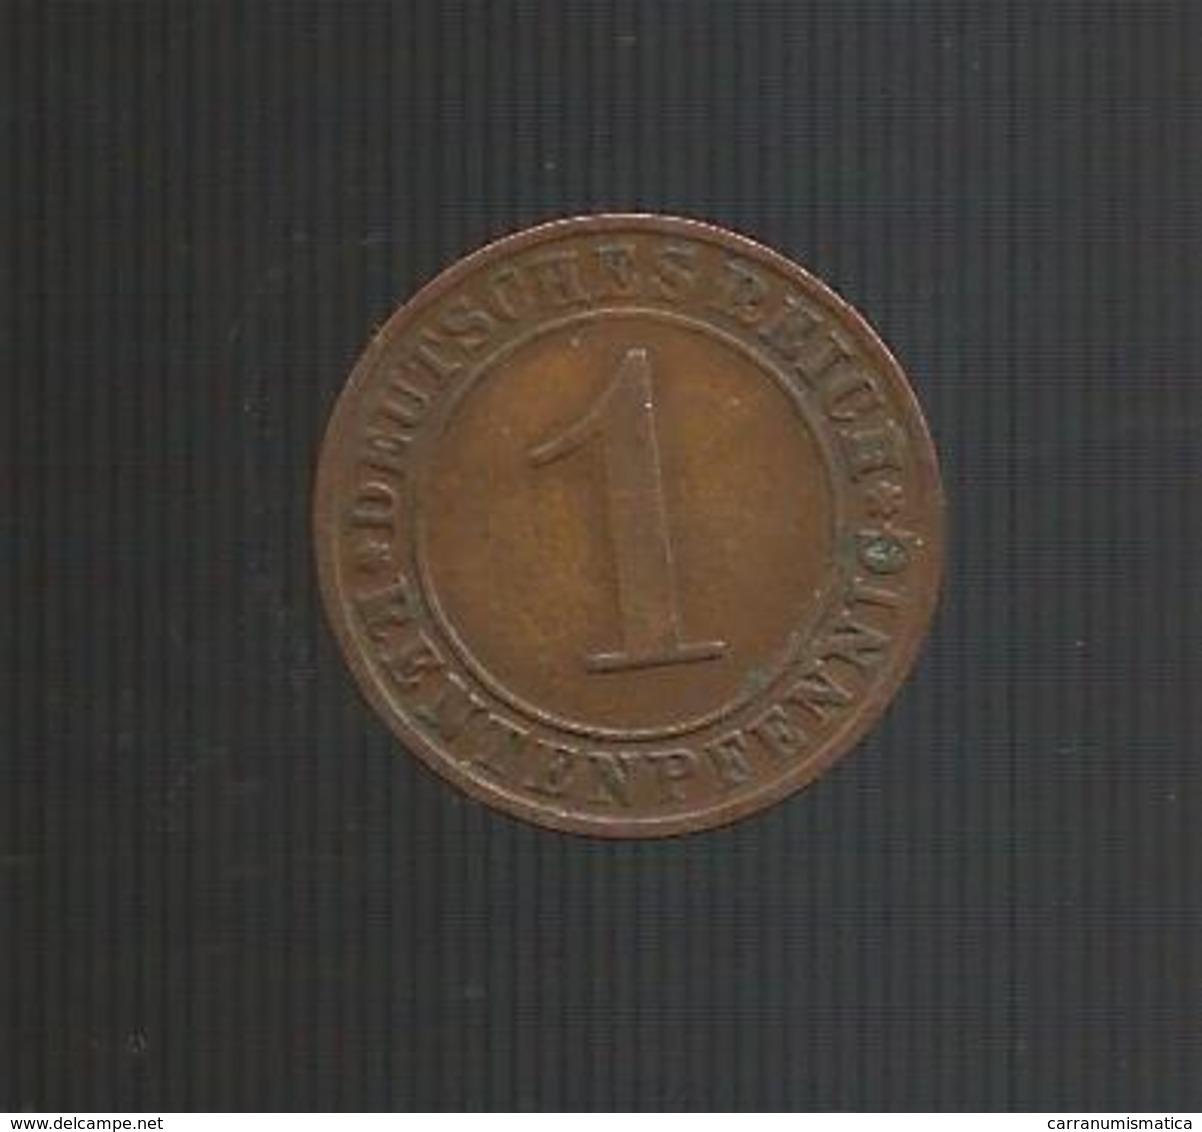 DEUTSCHLAND / GERMANY - Weimarer Republik - 1 REICHSPFENNIG ( 1923 A ) - [ 3] 1918-1933 : Repubblica Di Weimar